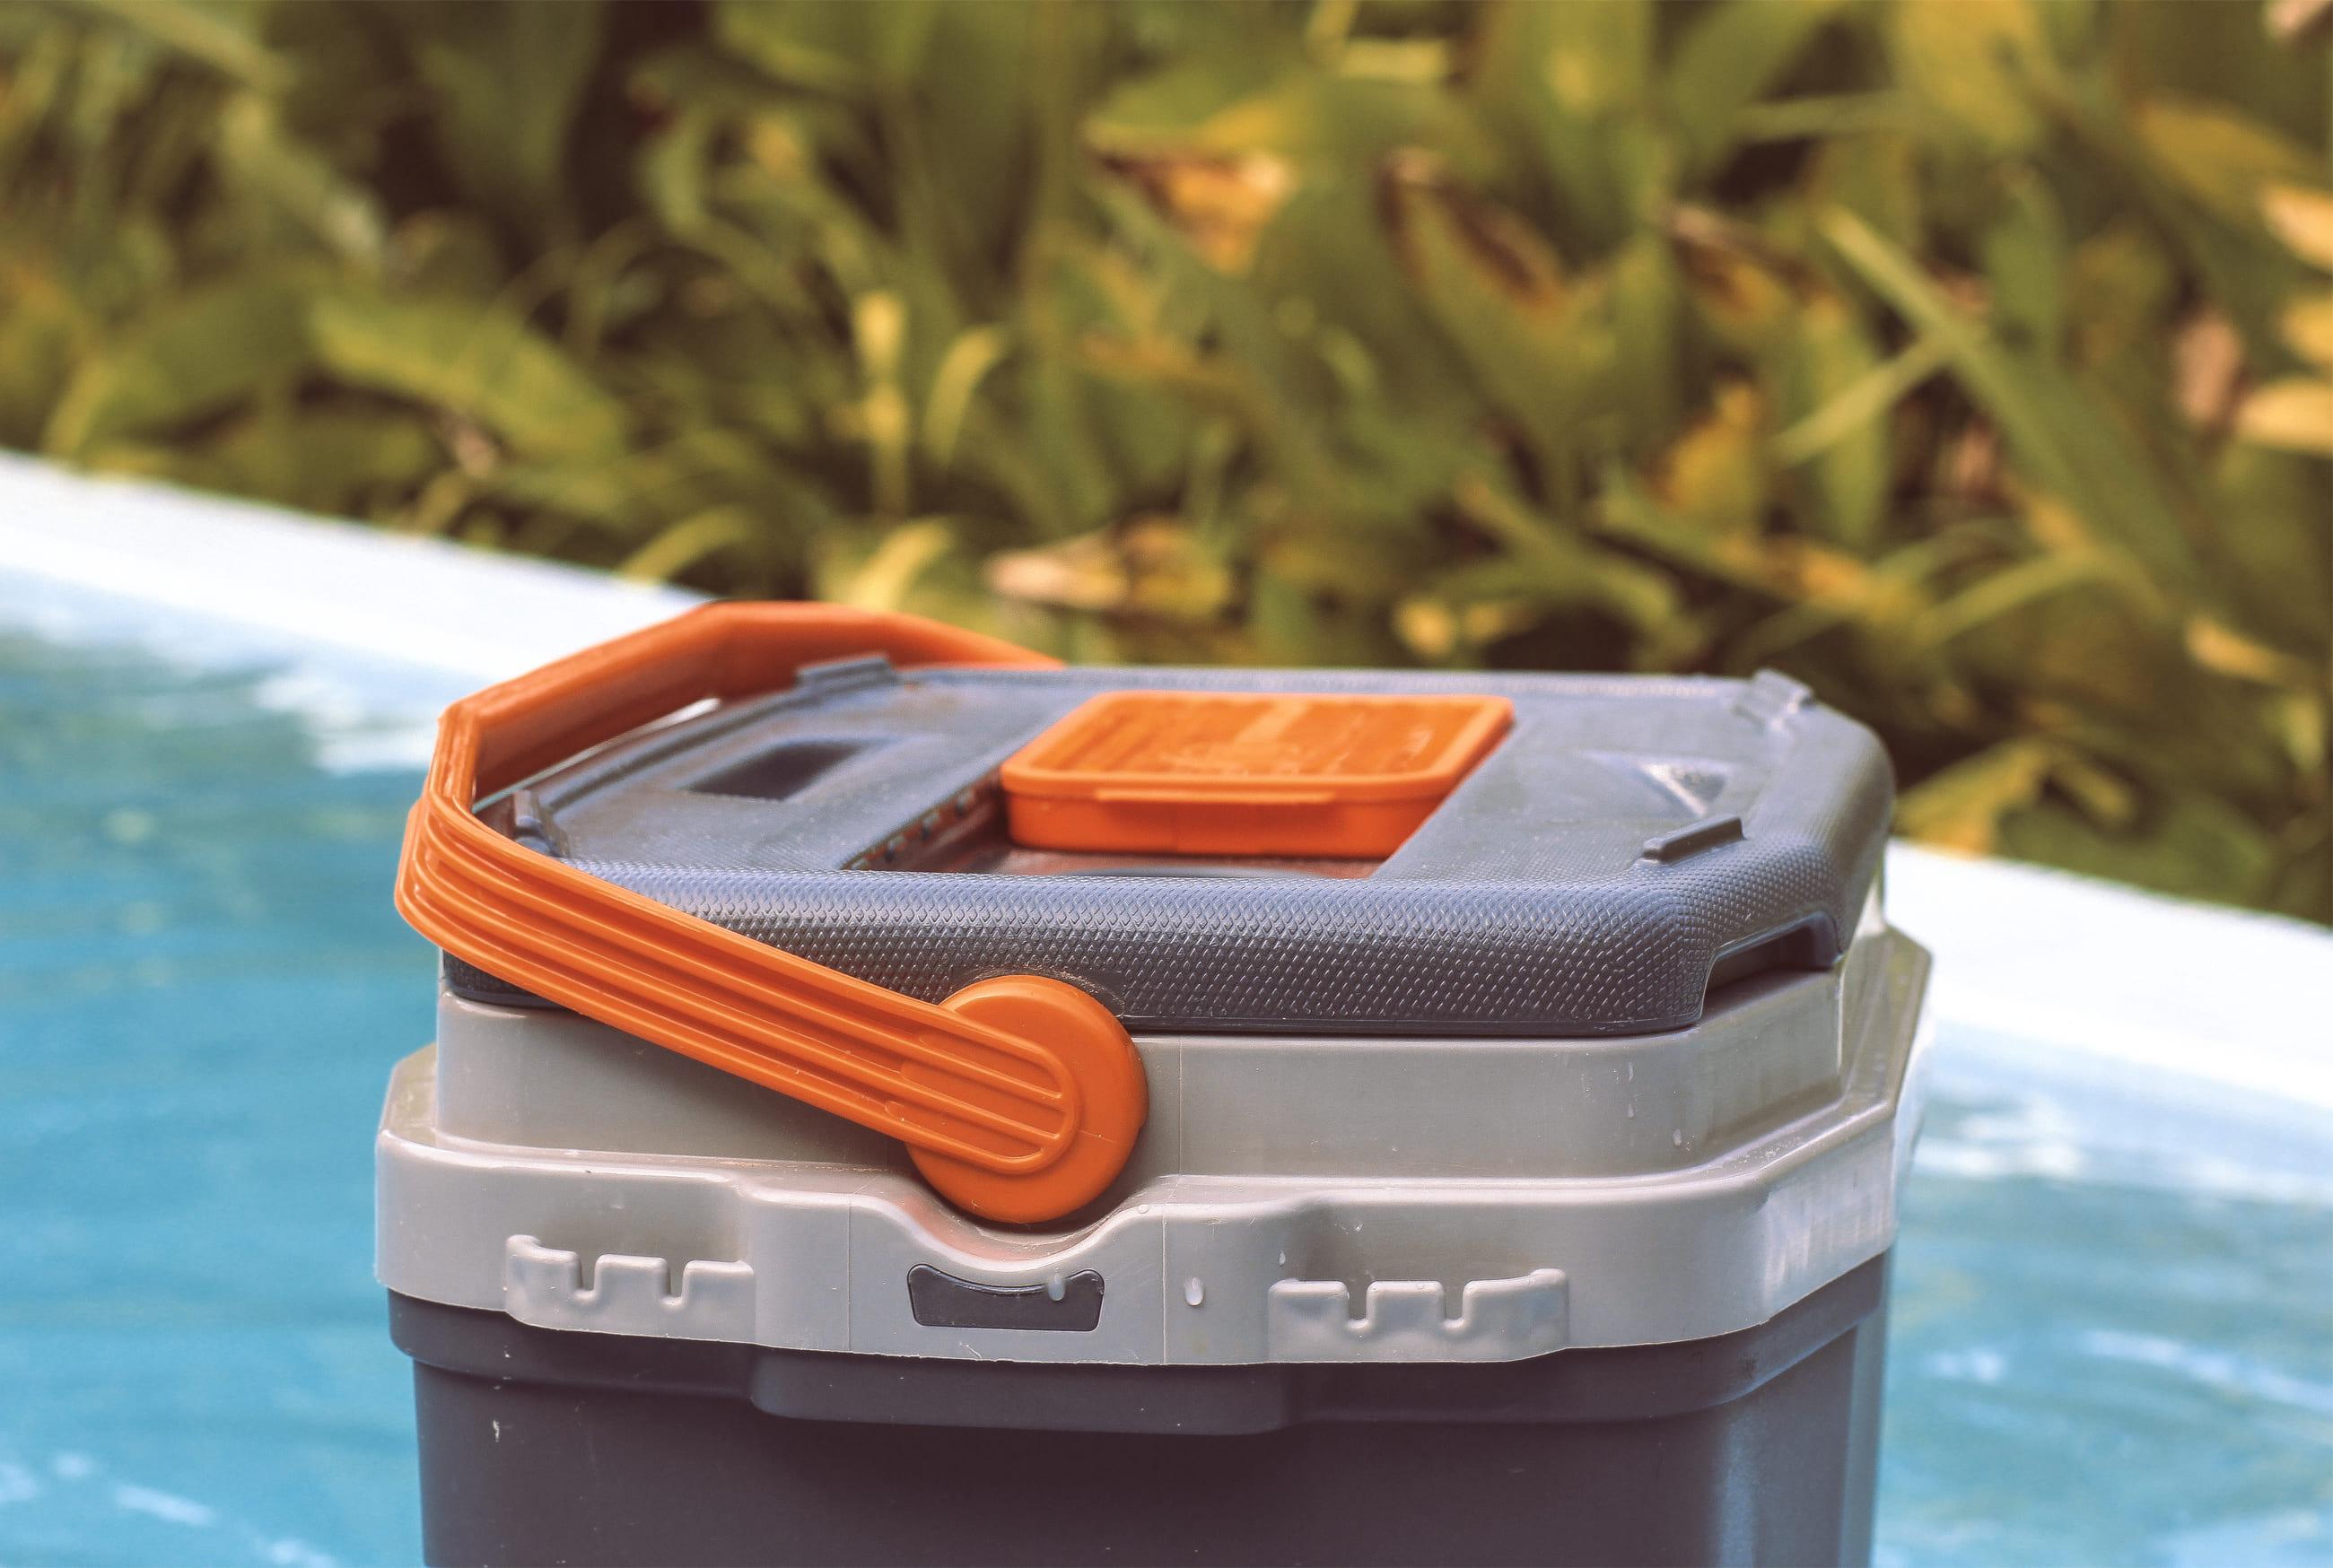 design-de-produto-termolar-valkiria-002